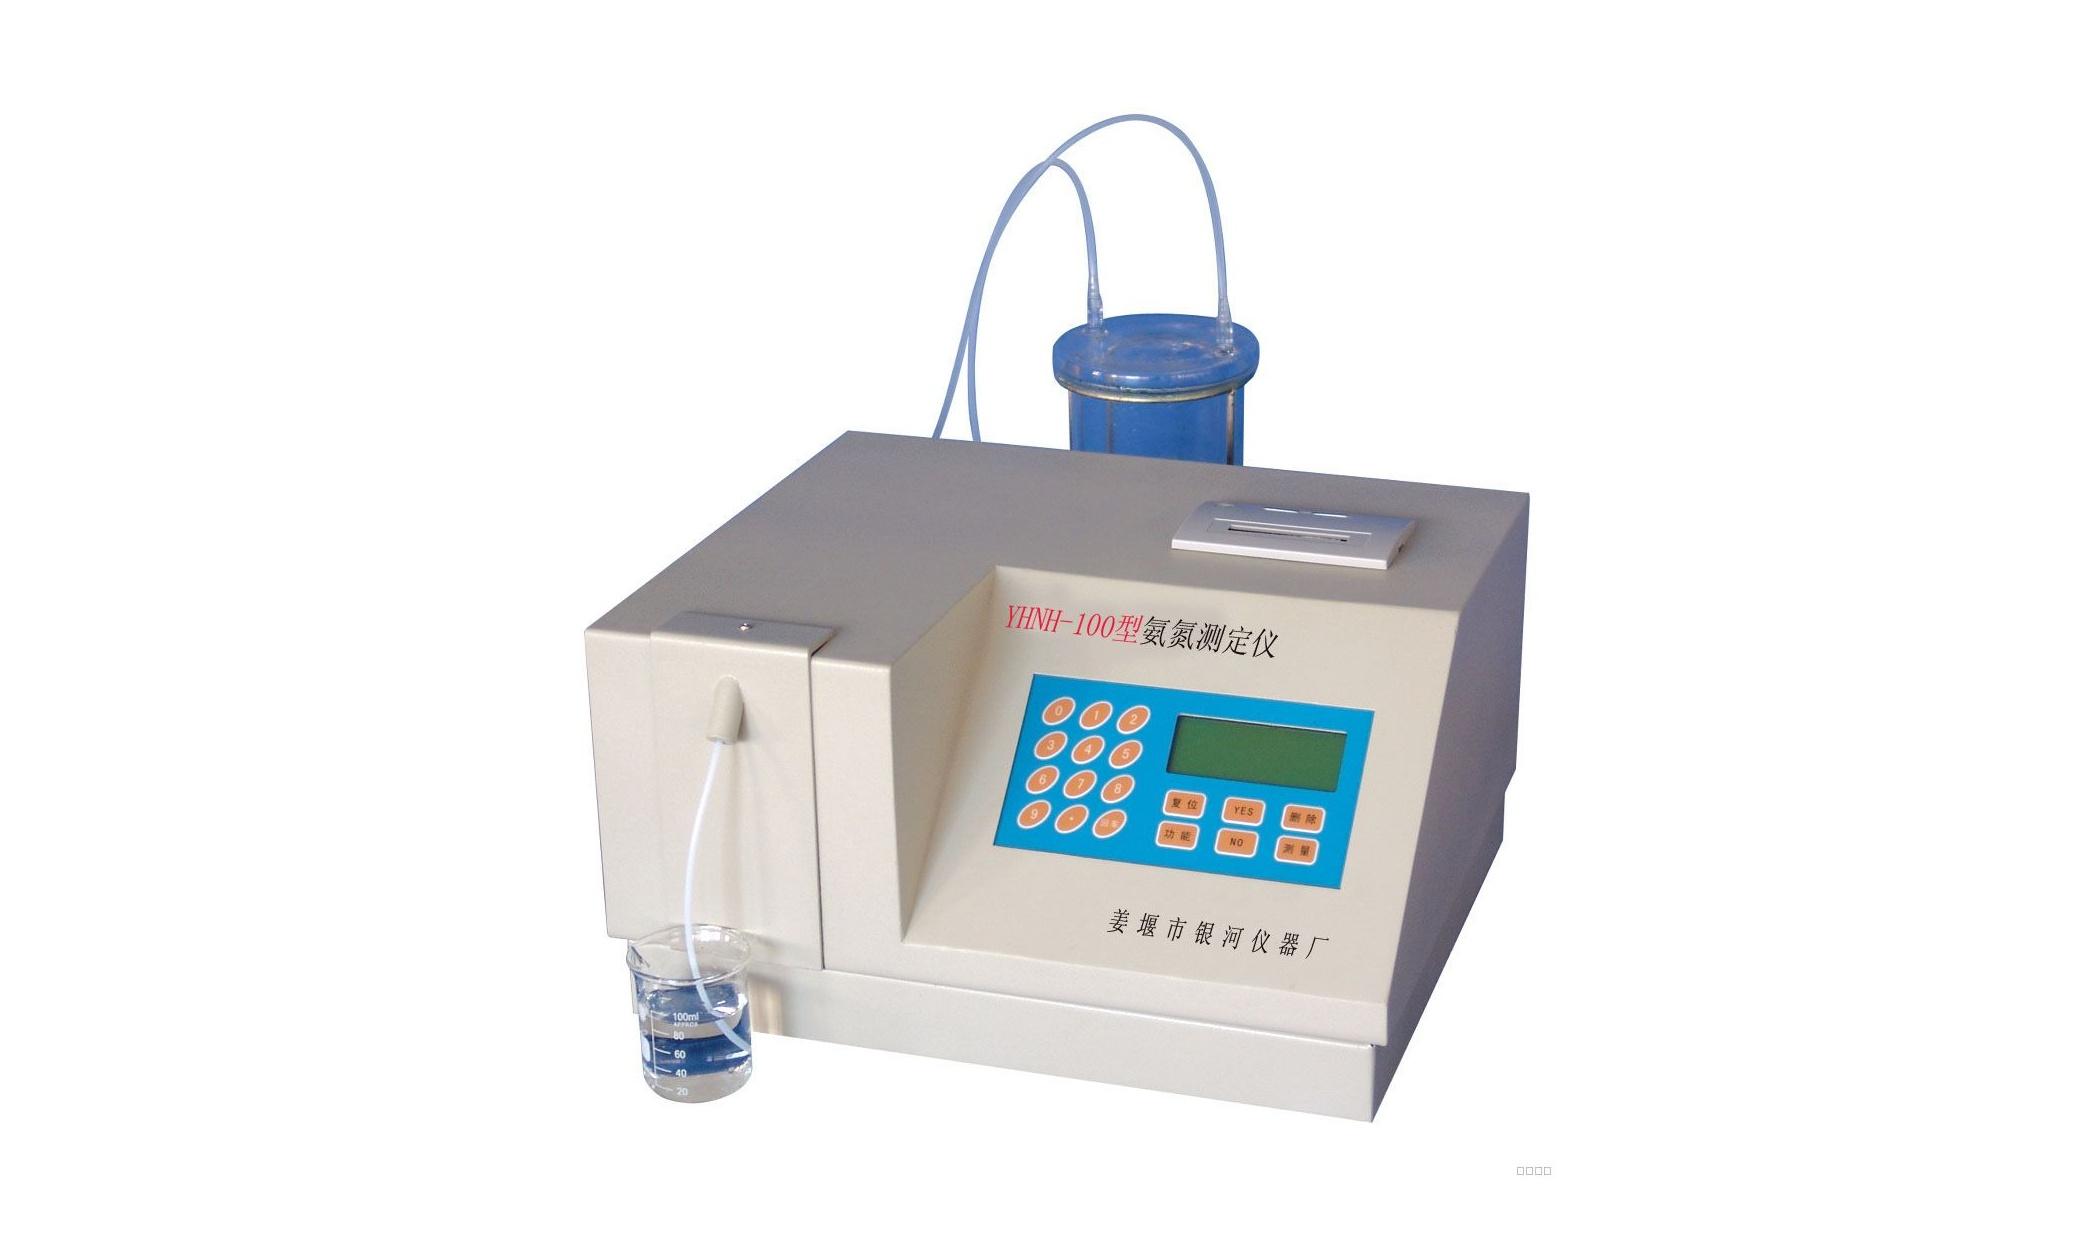 亳州市环境保护局氨氮在线分析仪等仪器设备采购项目招标